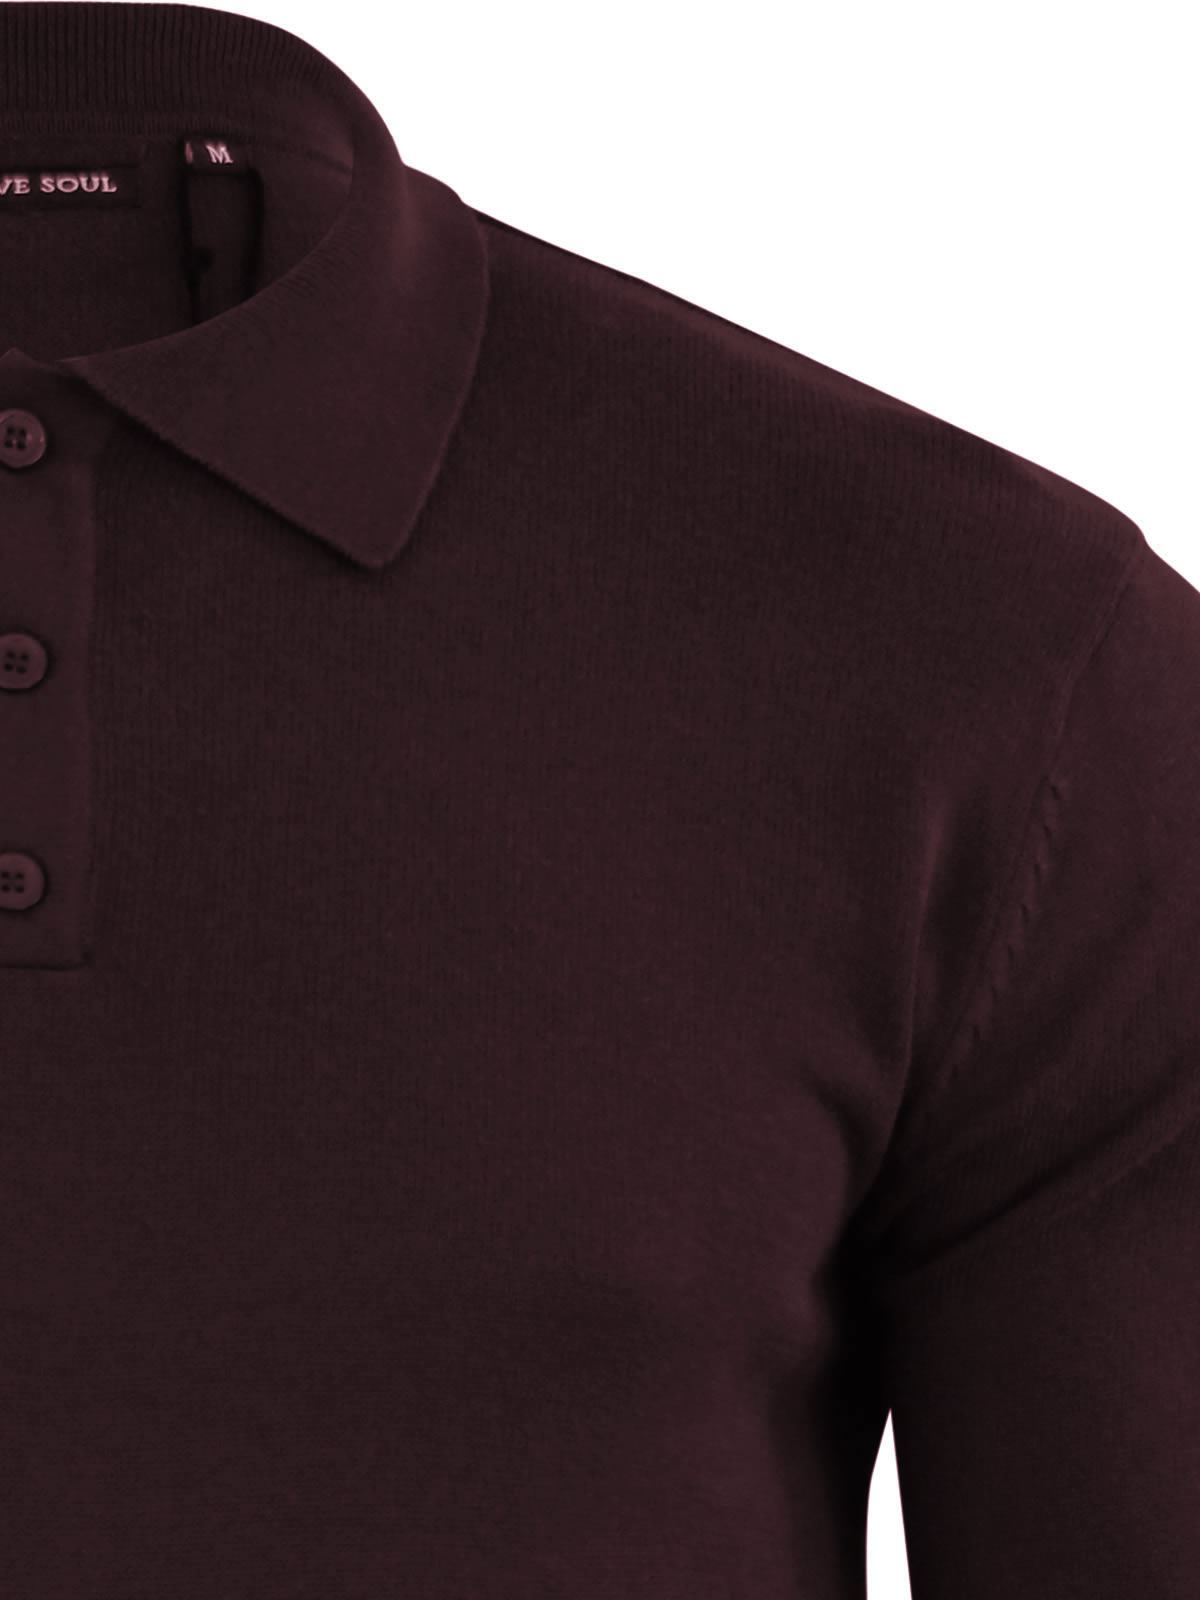 Brave-Soul-Patte-De-Boutonnage-Homme-Tricot-Polo-T-Shirt-a-Col-Pull miniature 28